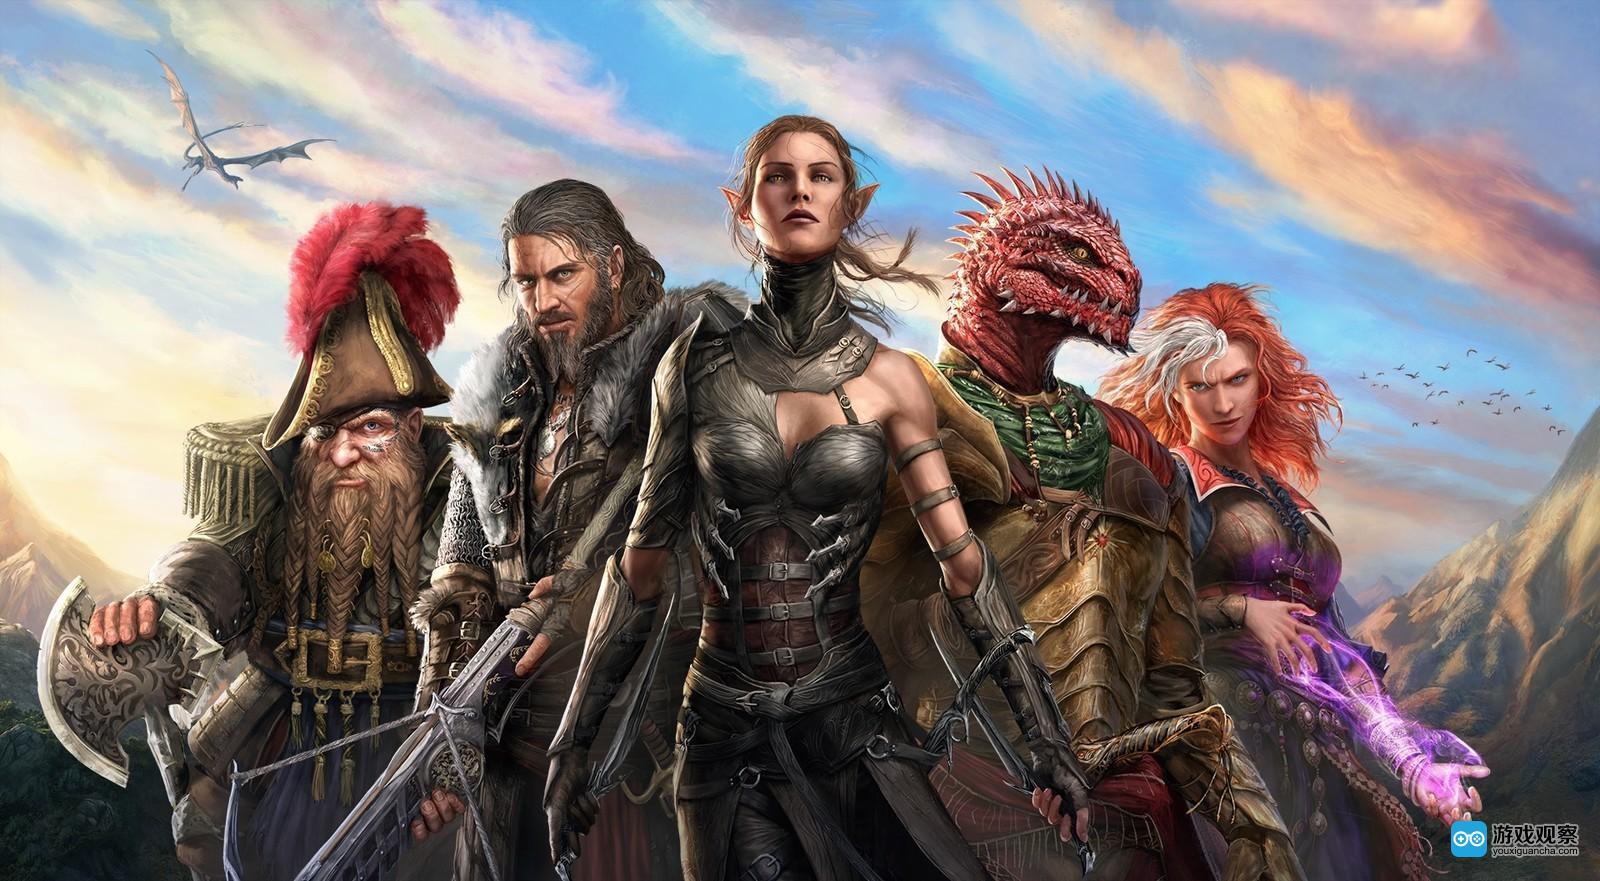 《神界:原罪2》开发商:Steam抽成30%很合理